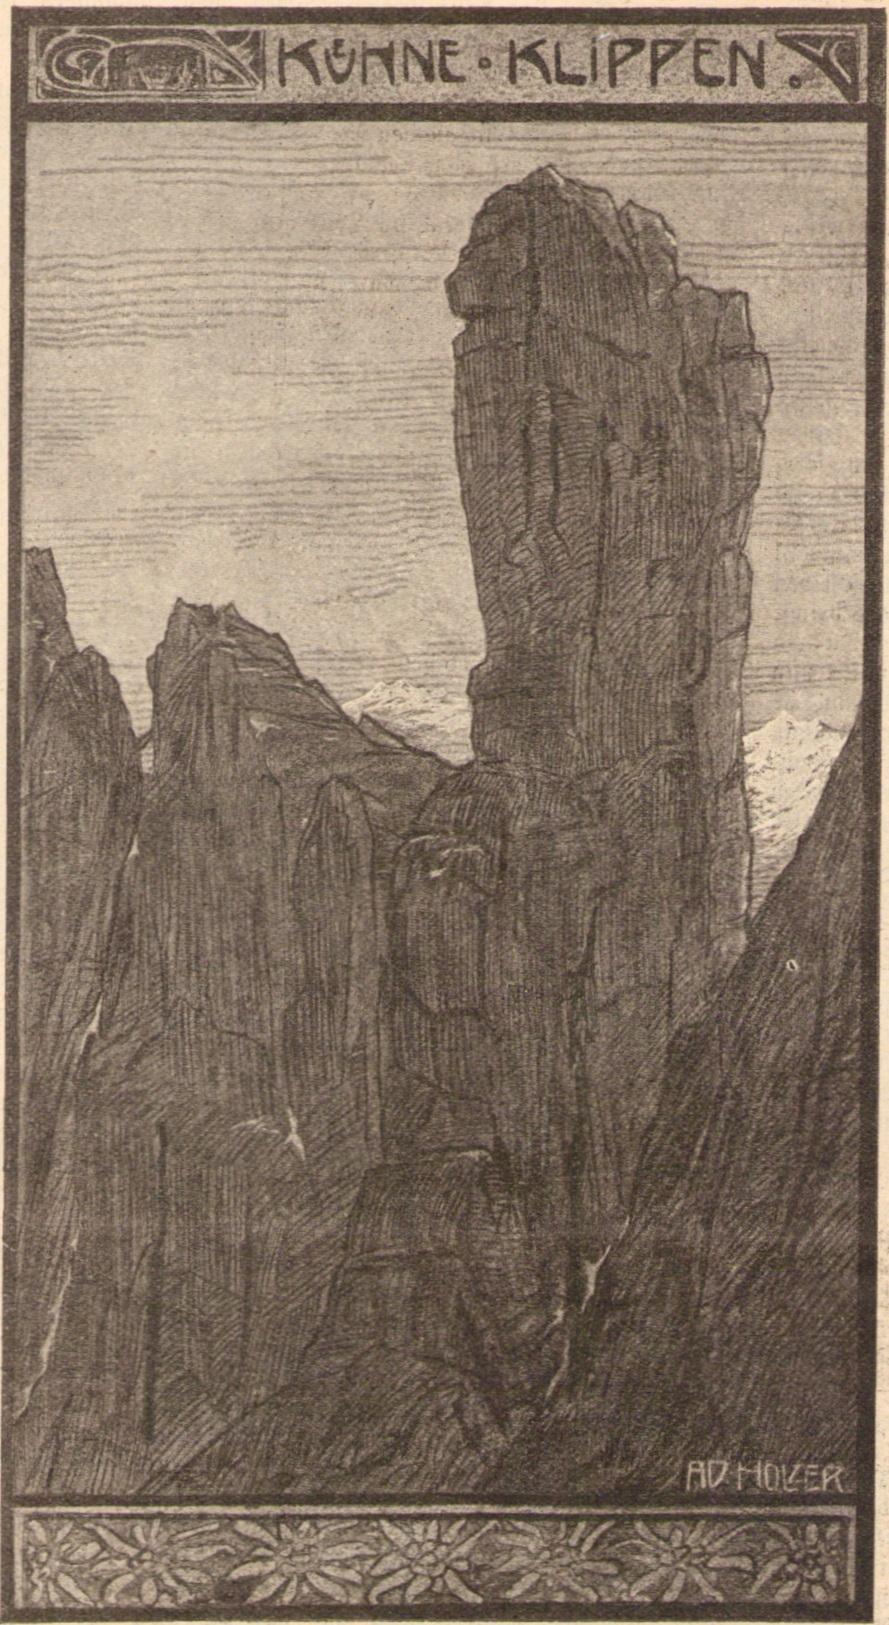 Adalbert Holzer - Kuehne Klippen 1904p.jpg